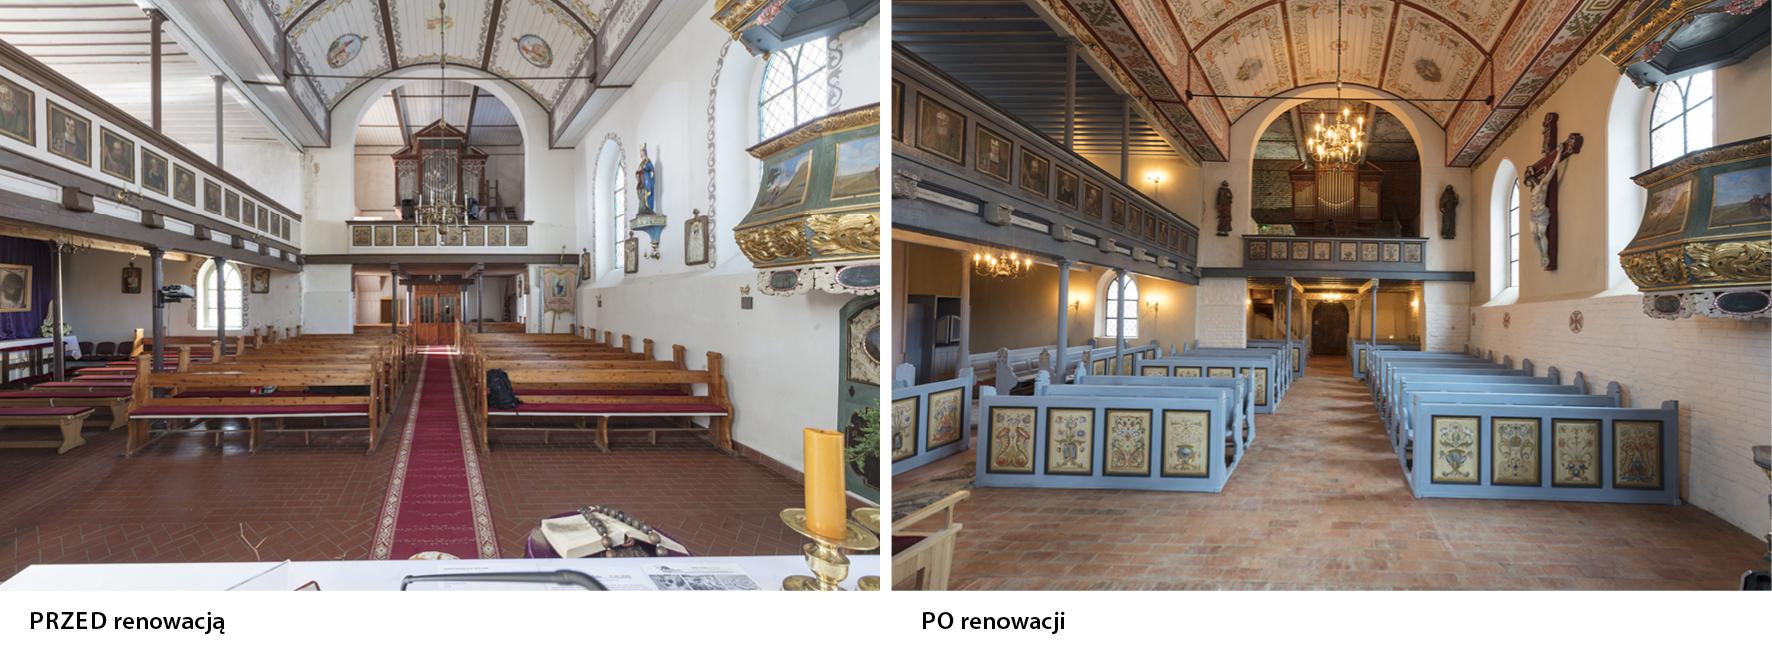 przed_po_renowacji_1913